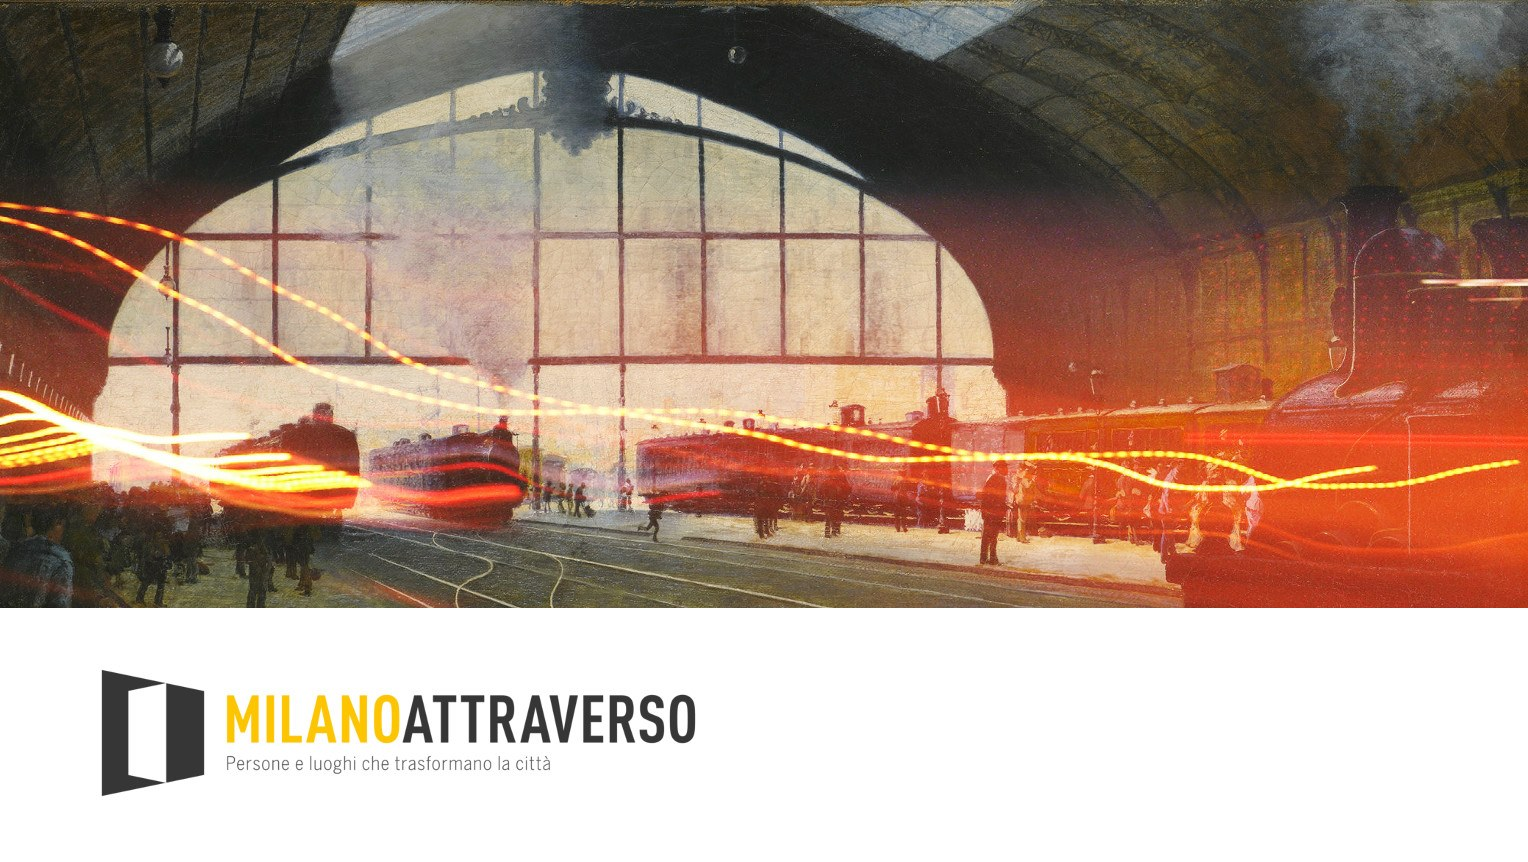 Presentazione di Milano Attraverso